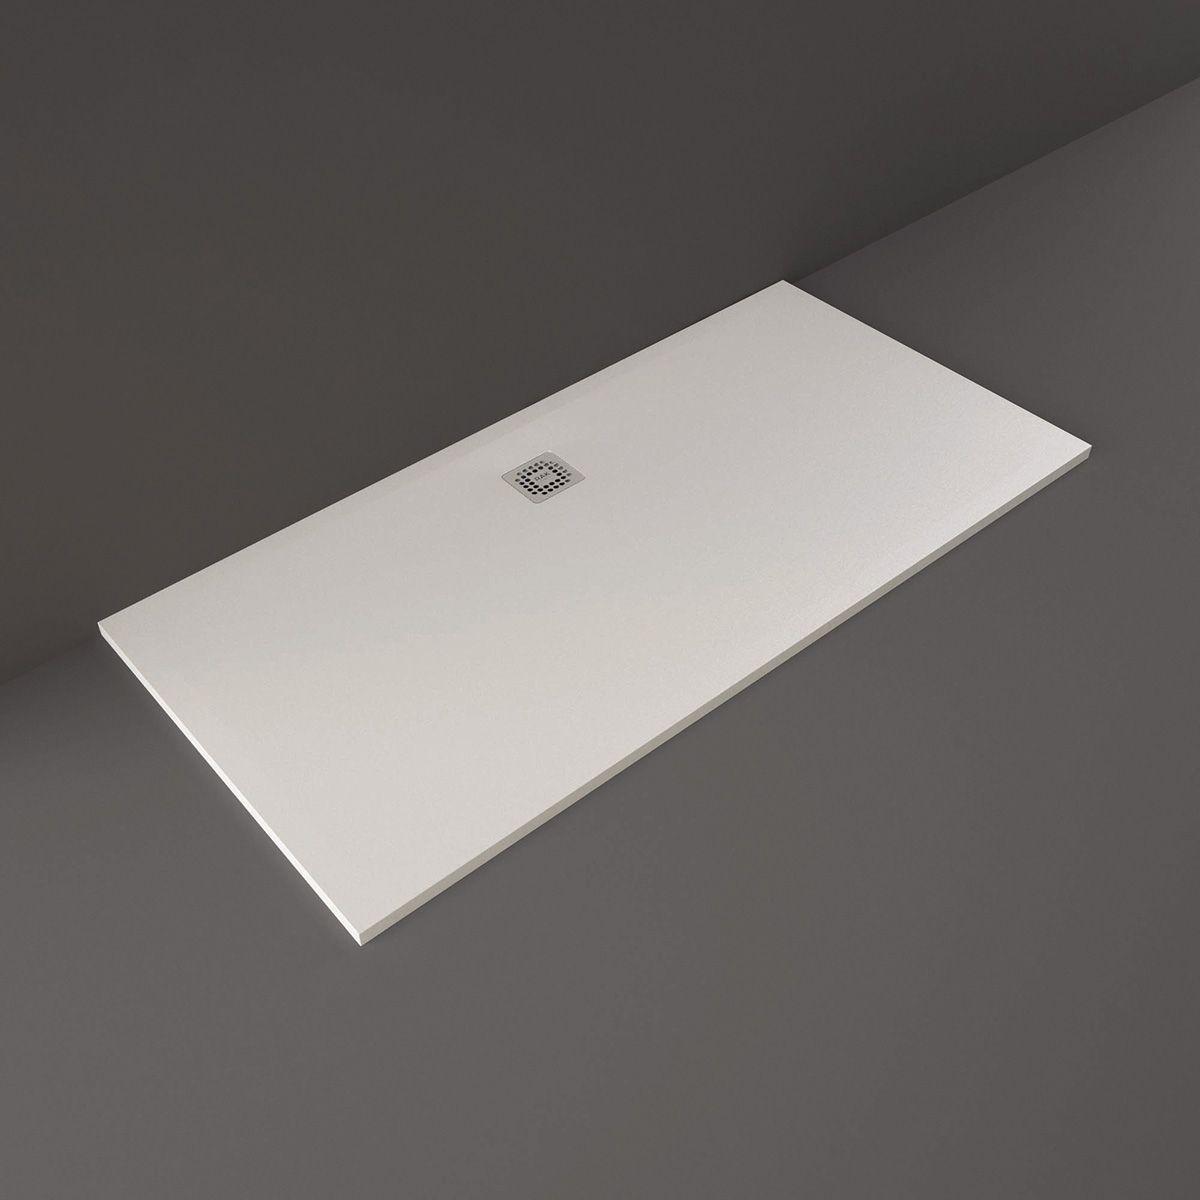 RAK Feeling White Rectangular Shower Tray 1700 x 900mm